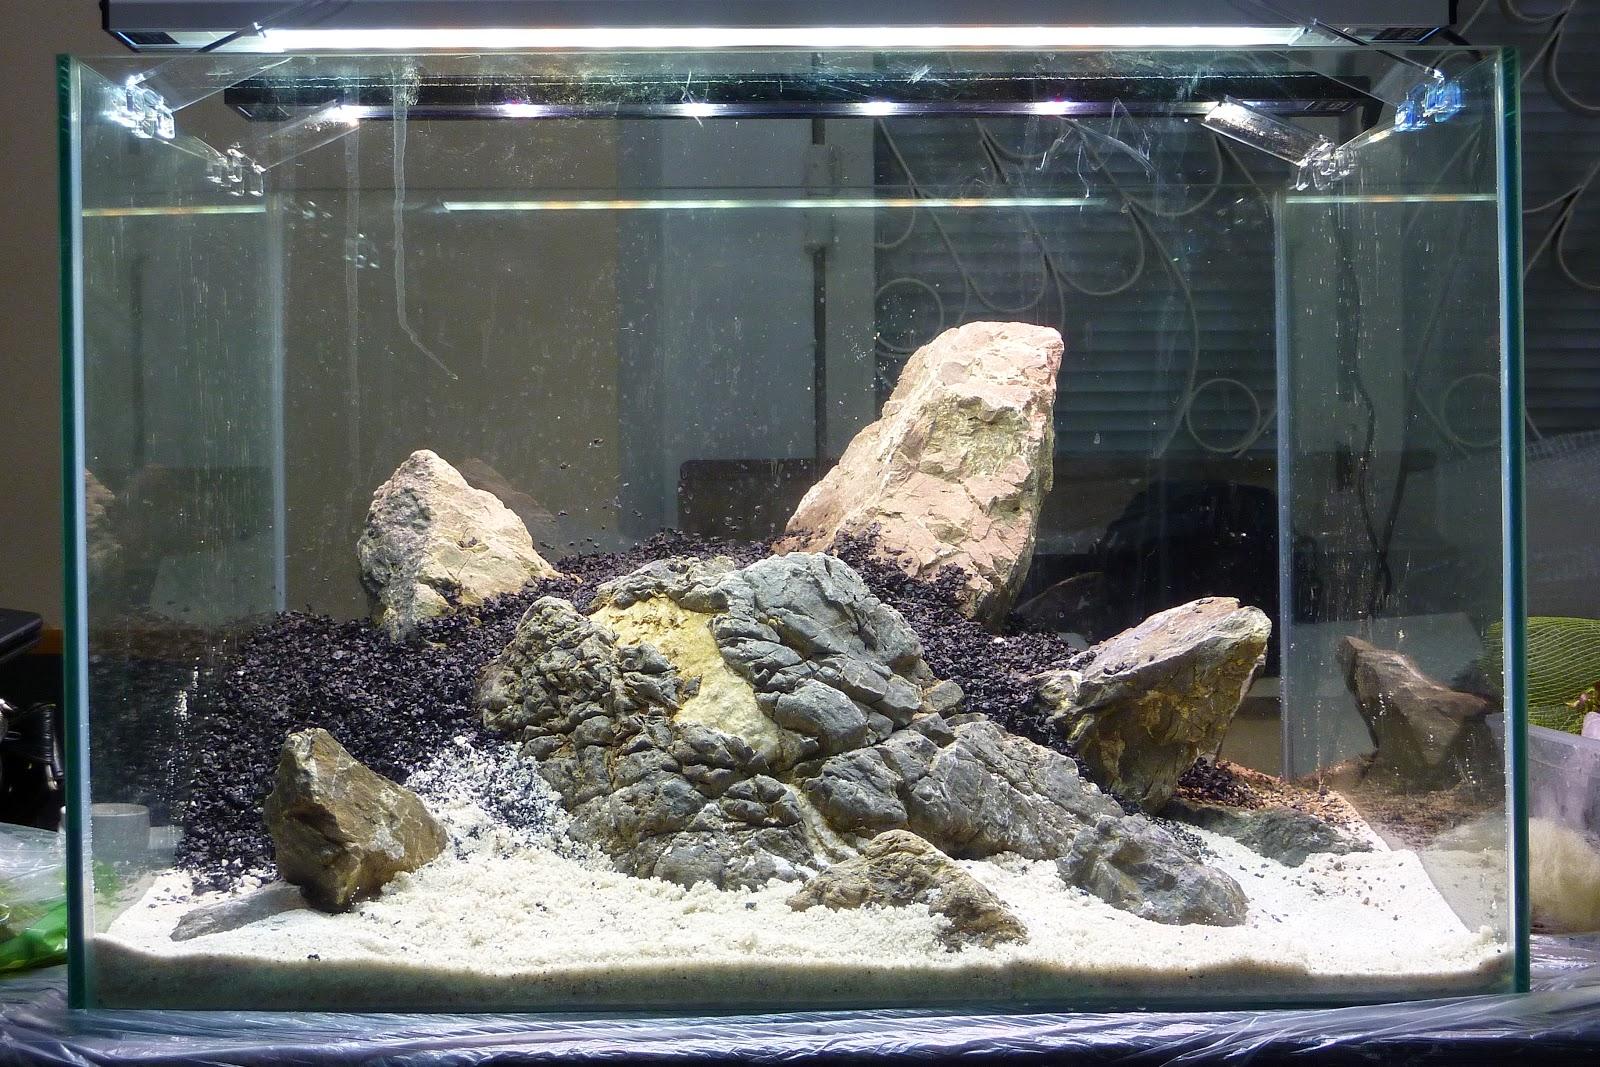 временем отдельной камни для аквариума фото собором планировали